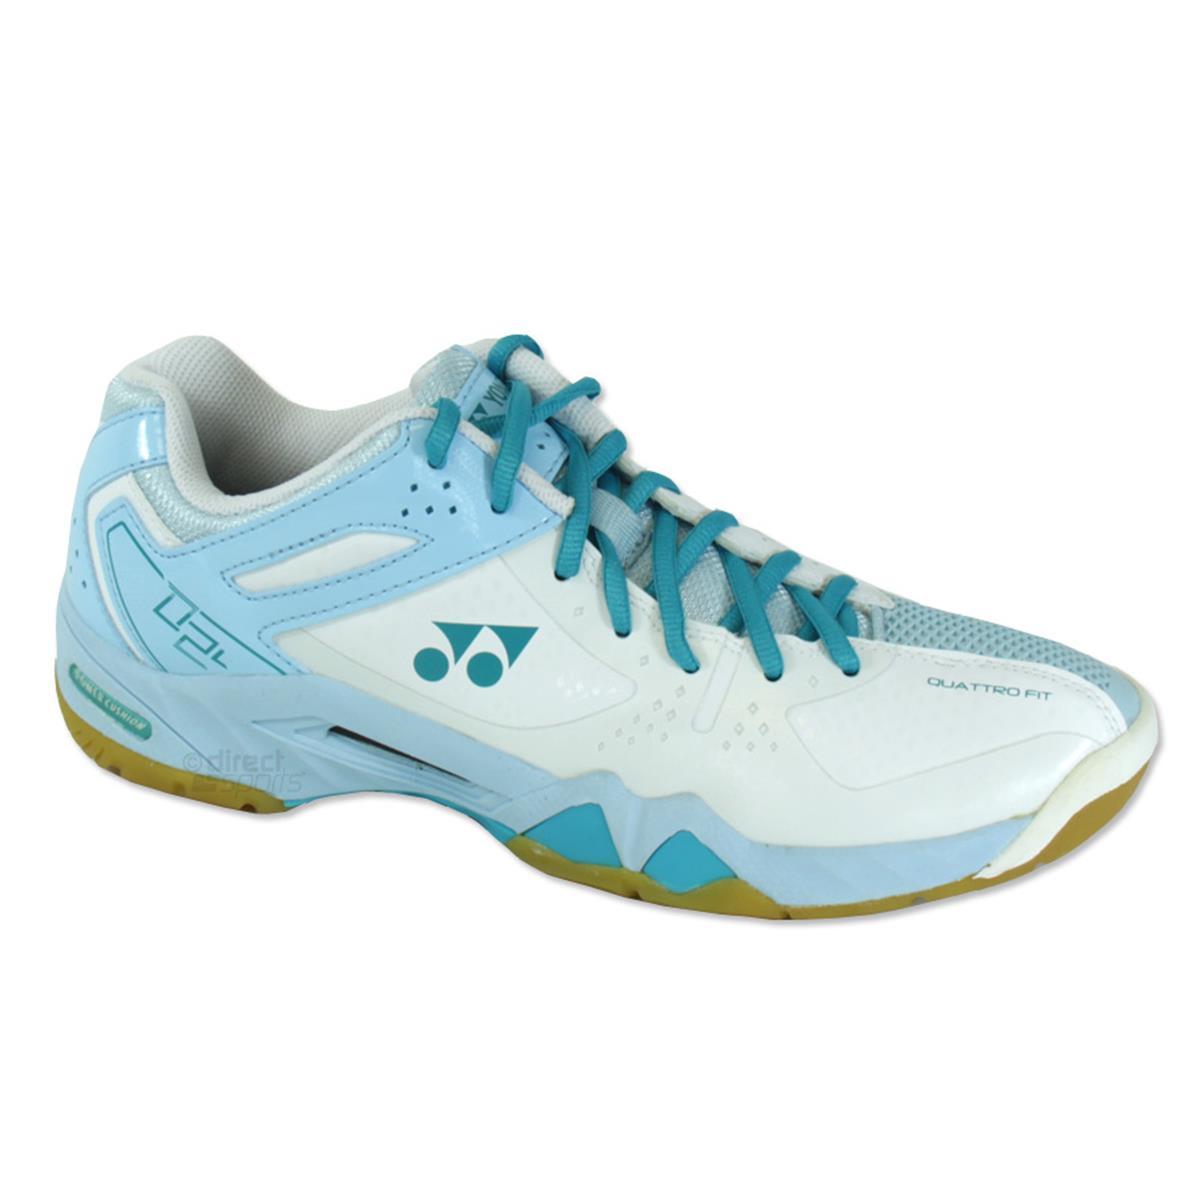 Blue Yonex Cushion Power Badminton Shoespale 02lx NwOv80ynm